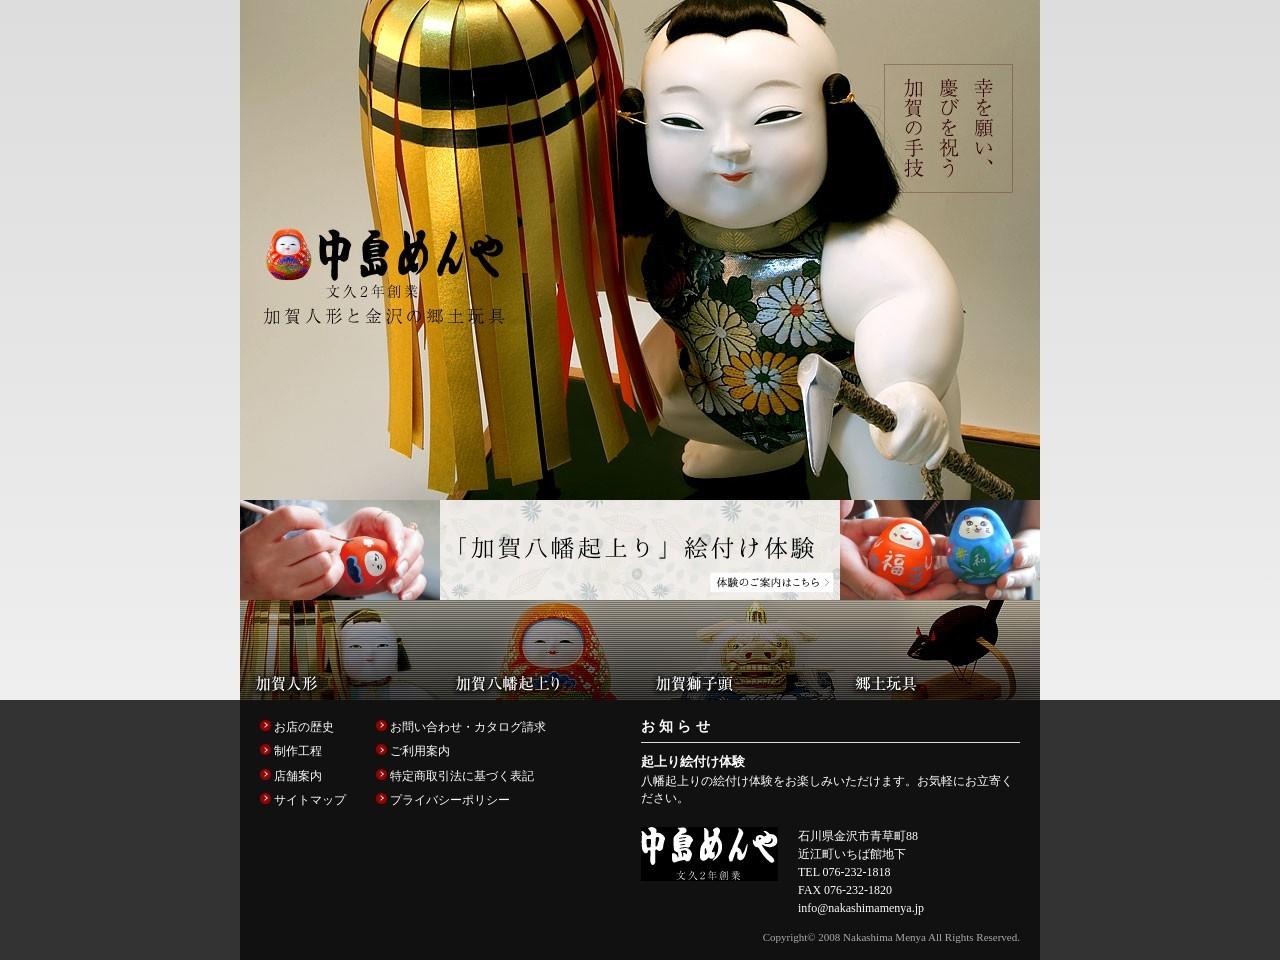 加賀人形と金沢の郷土玩具:中島めんやオンラインショップ